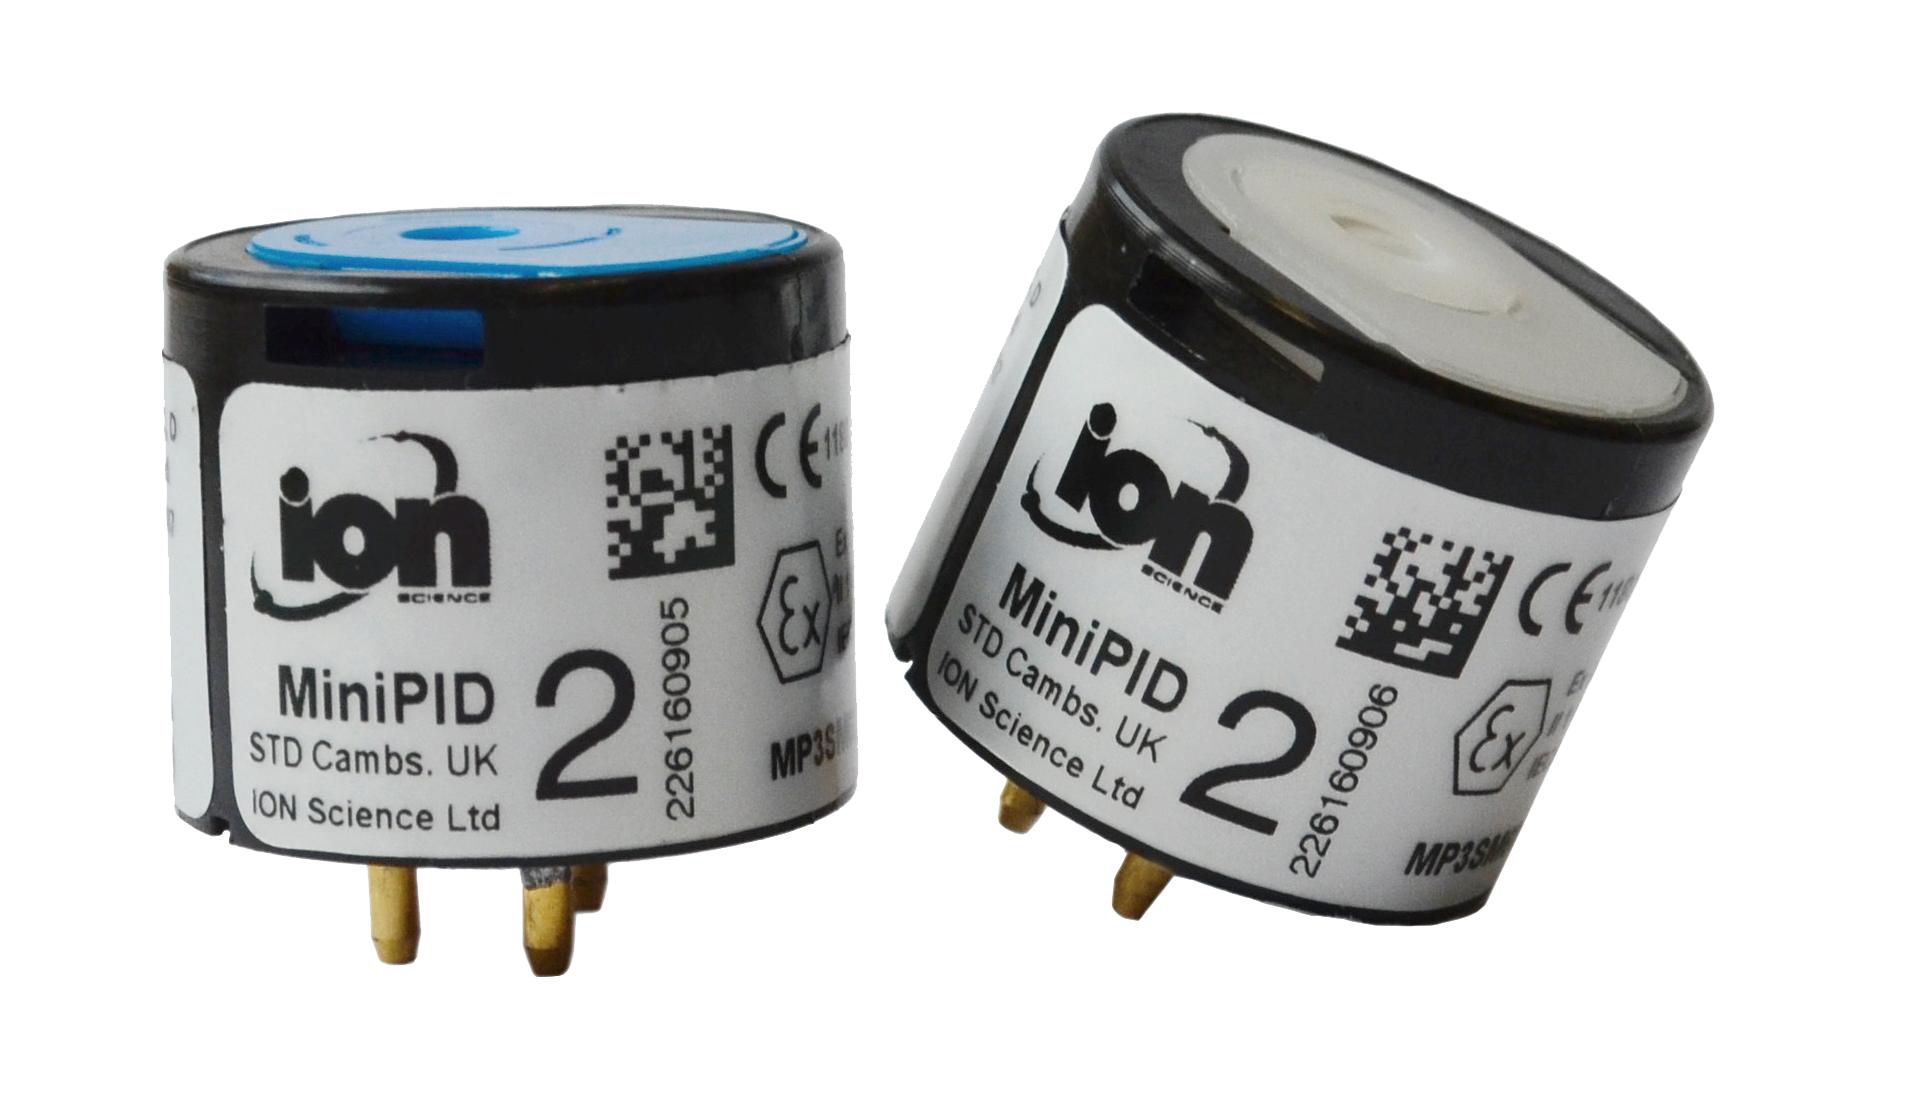 Ion Science MiniPID 2 sensor